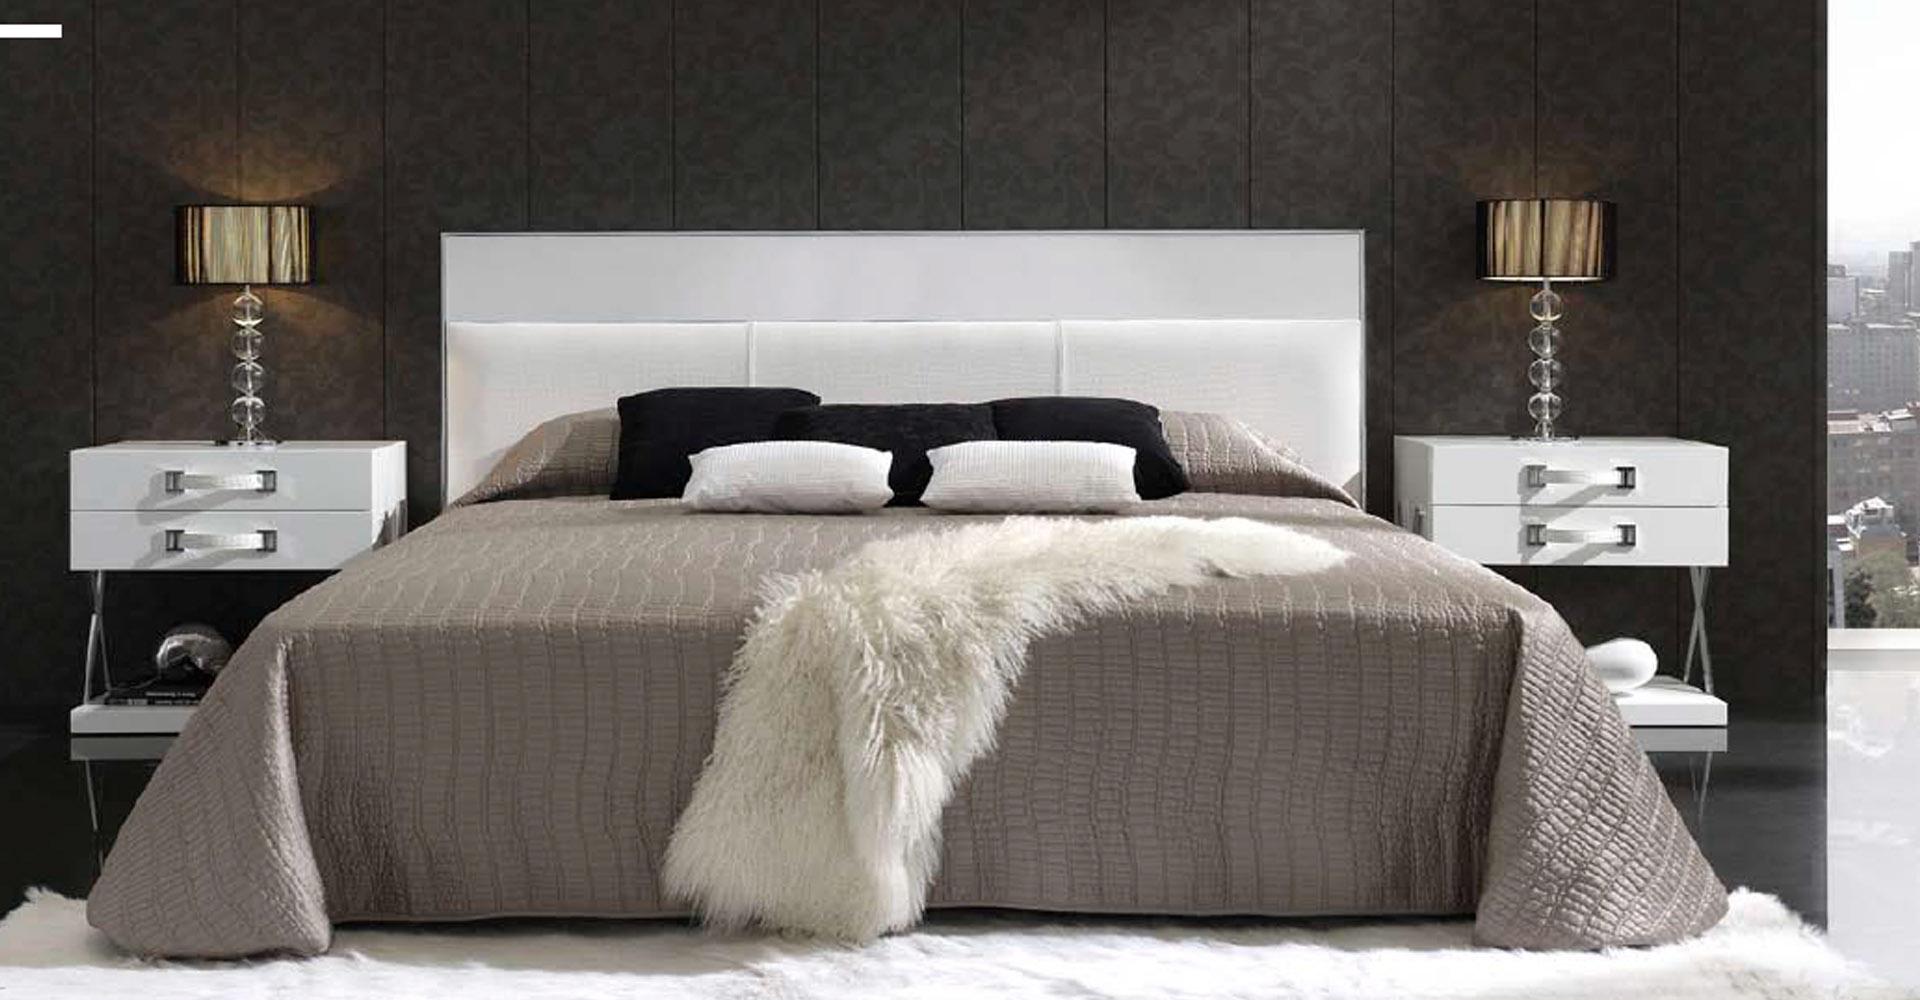 dormitorio de estilo contemporaneo (97)